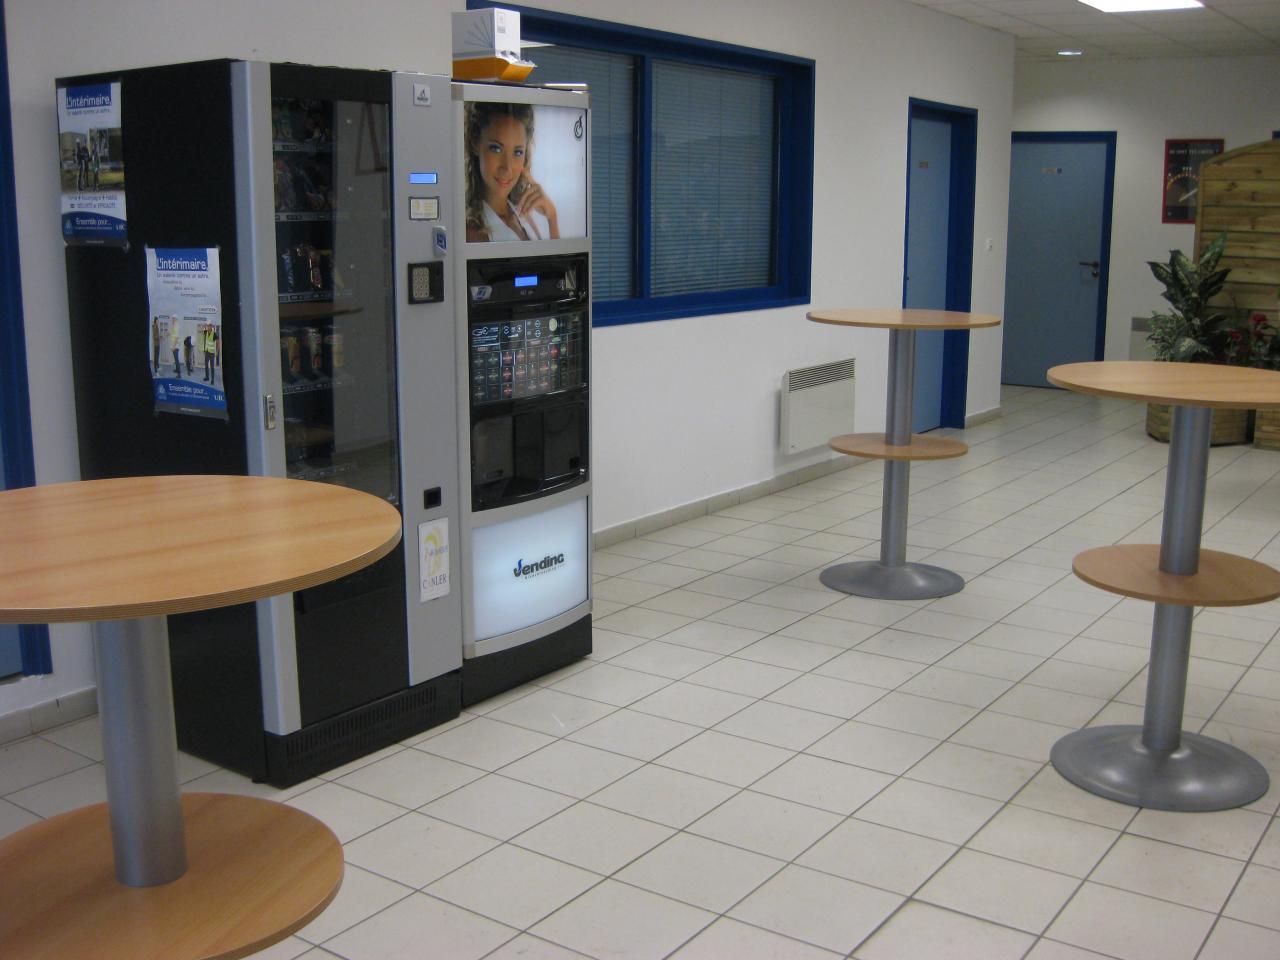 Salle de pause d 39 un centre de formation for Mobilier salle de pause